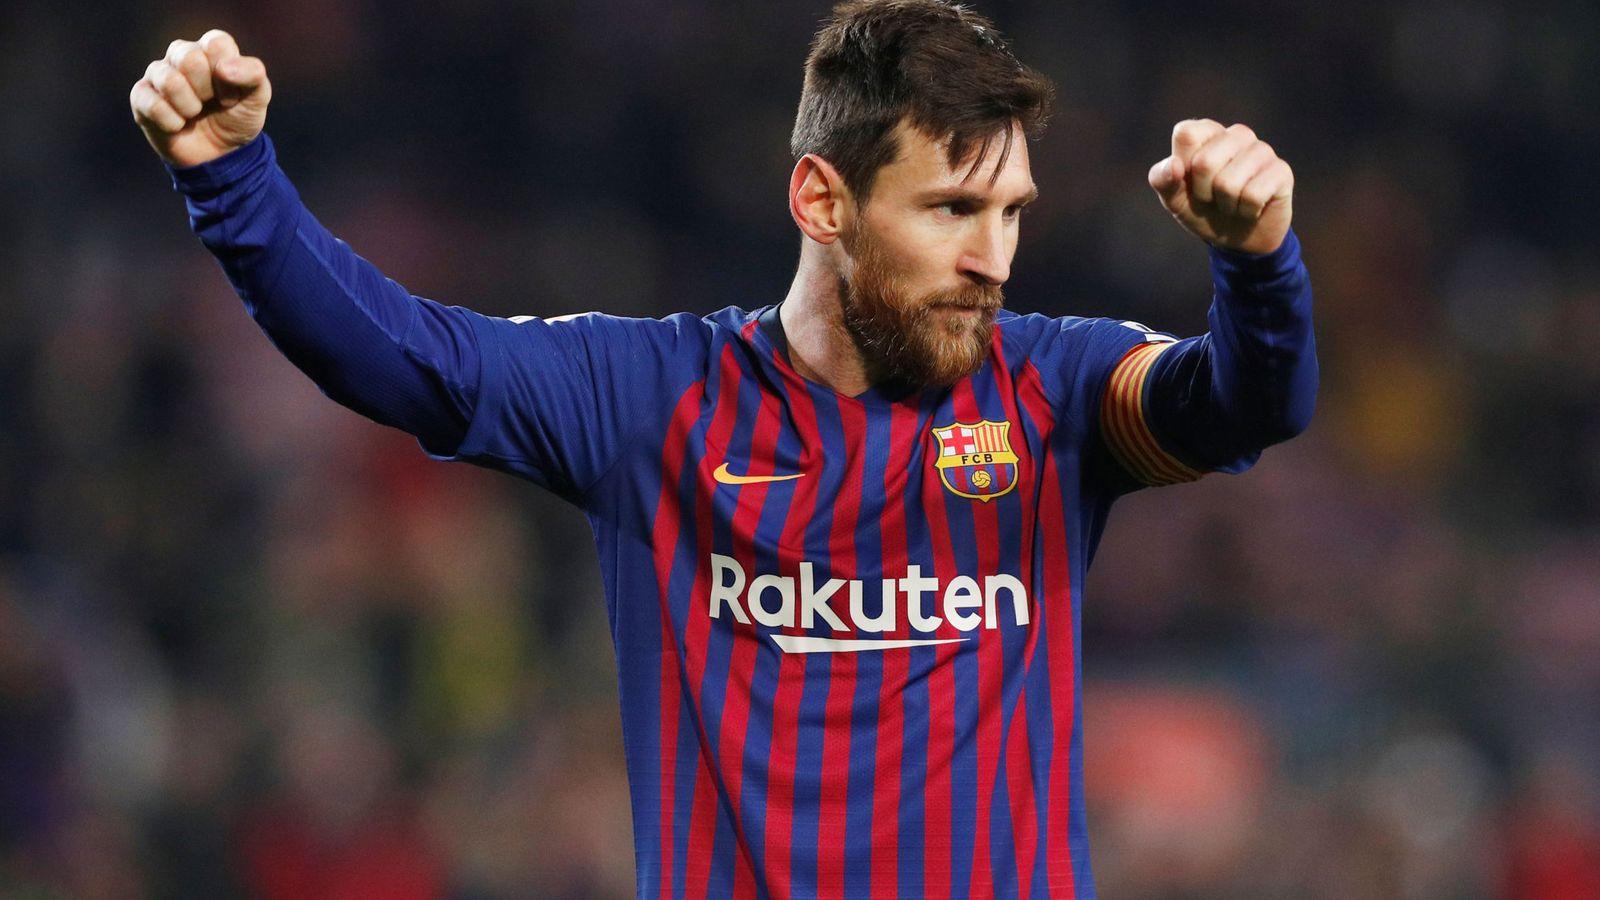 Foto: Leo Messi celebra un gol en un partido con el Barcelona. (Efe)